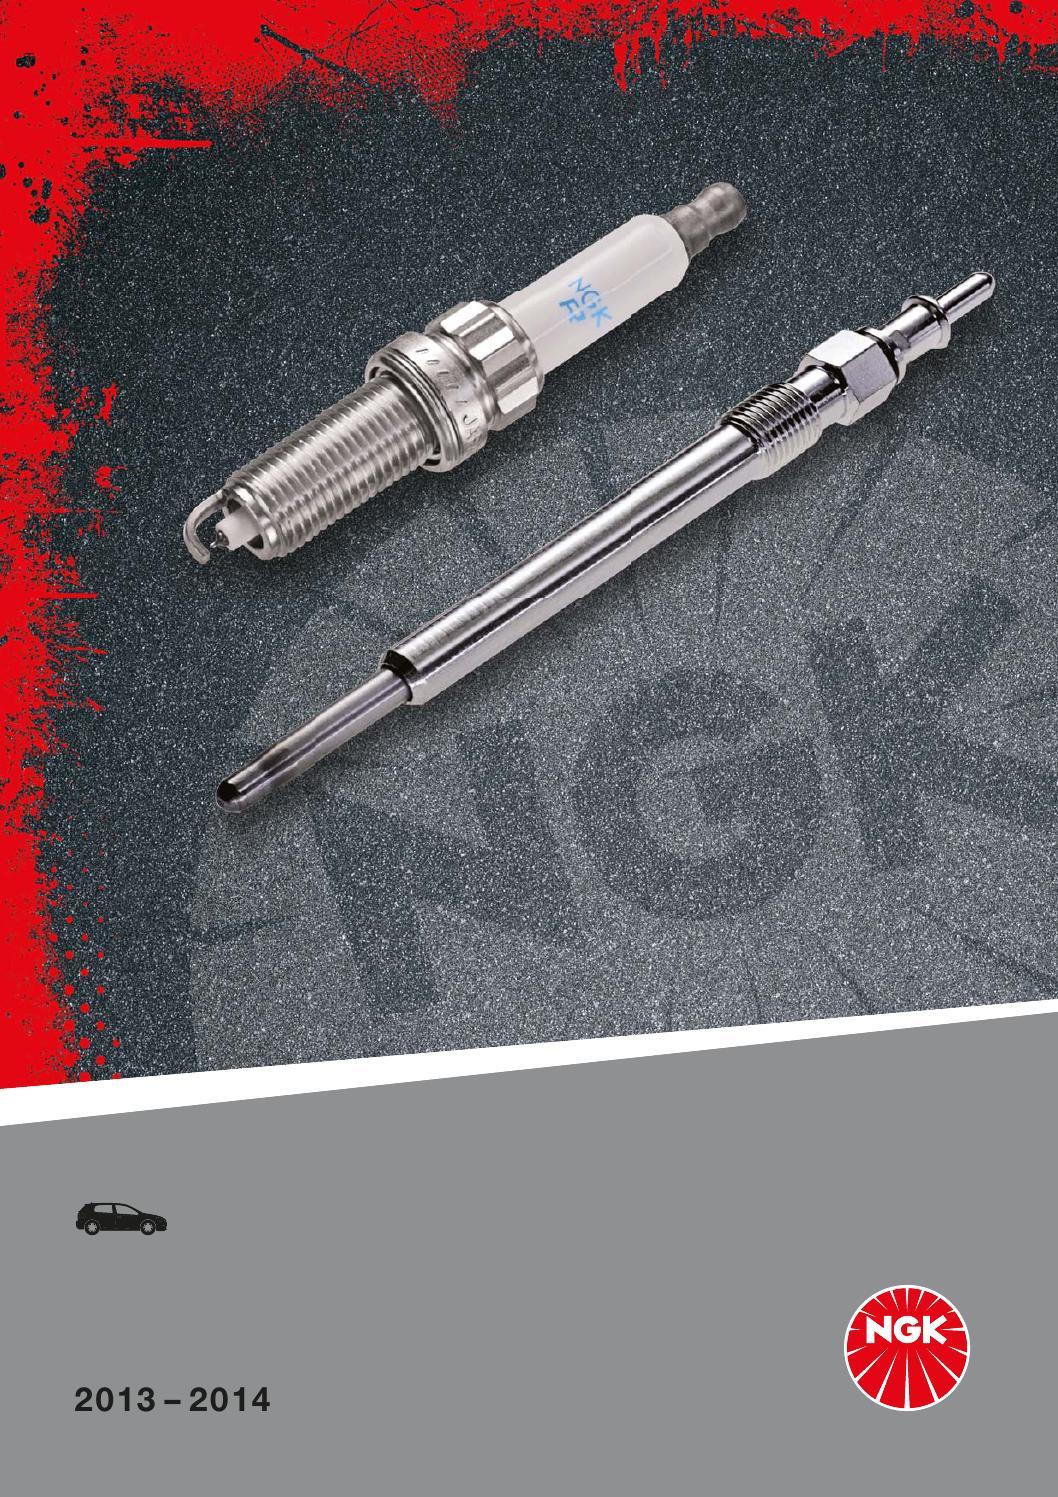 KIT 4 CANDELE NGK SPARK PLUG BKR6E ROVER 214 Mk 2 1.4 K Series 1989